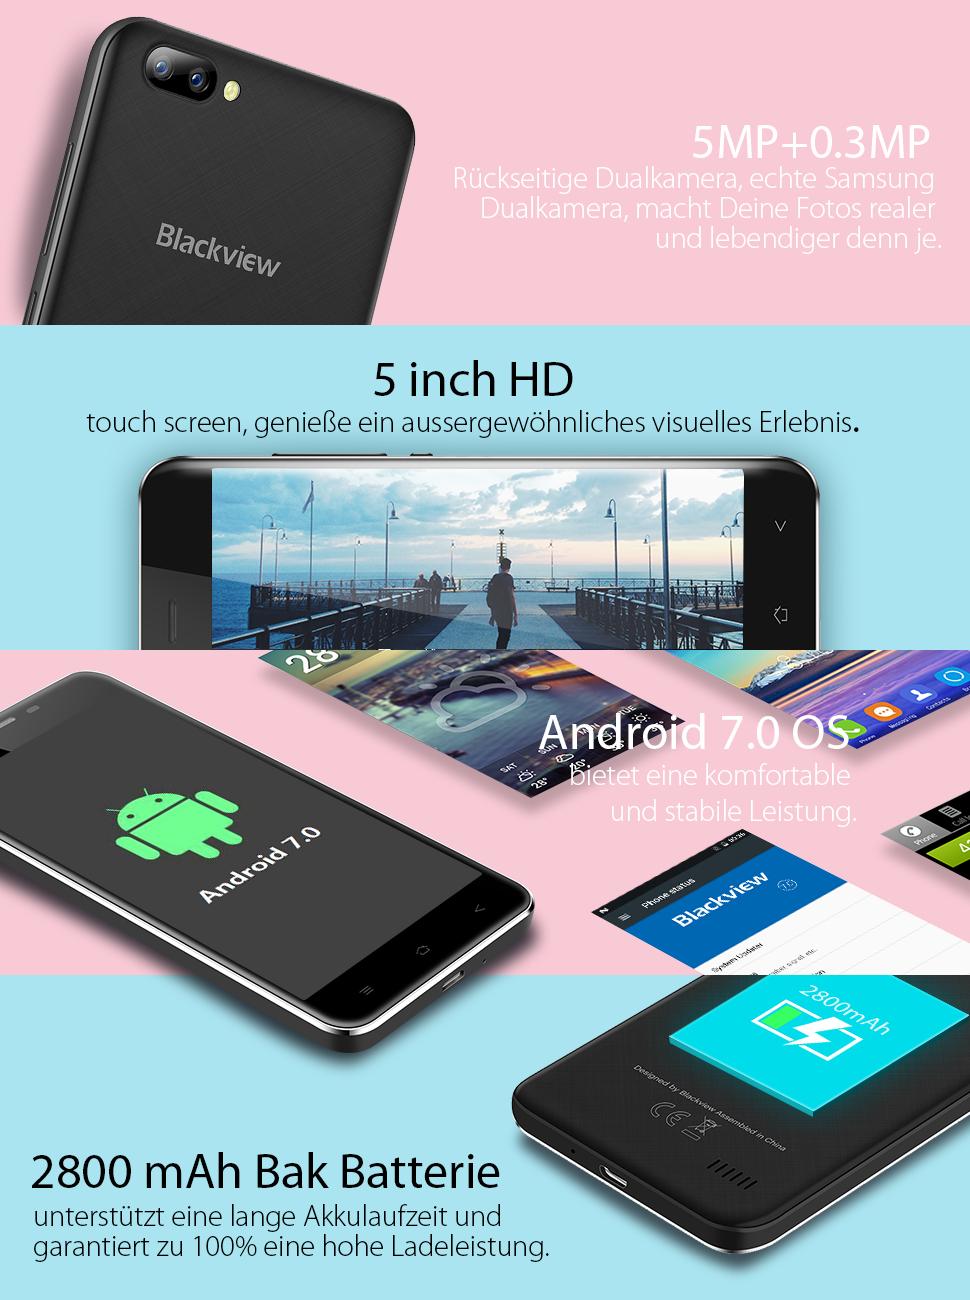 Blackview A7 Das billigste Dual-Kamera-Smartphone der Welt, wir versuchen,  das Beste in jedem Aspekt zu tun, von der Erscheinung bis zum Bauteil.